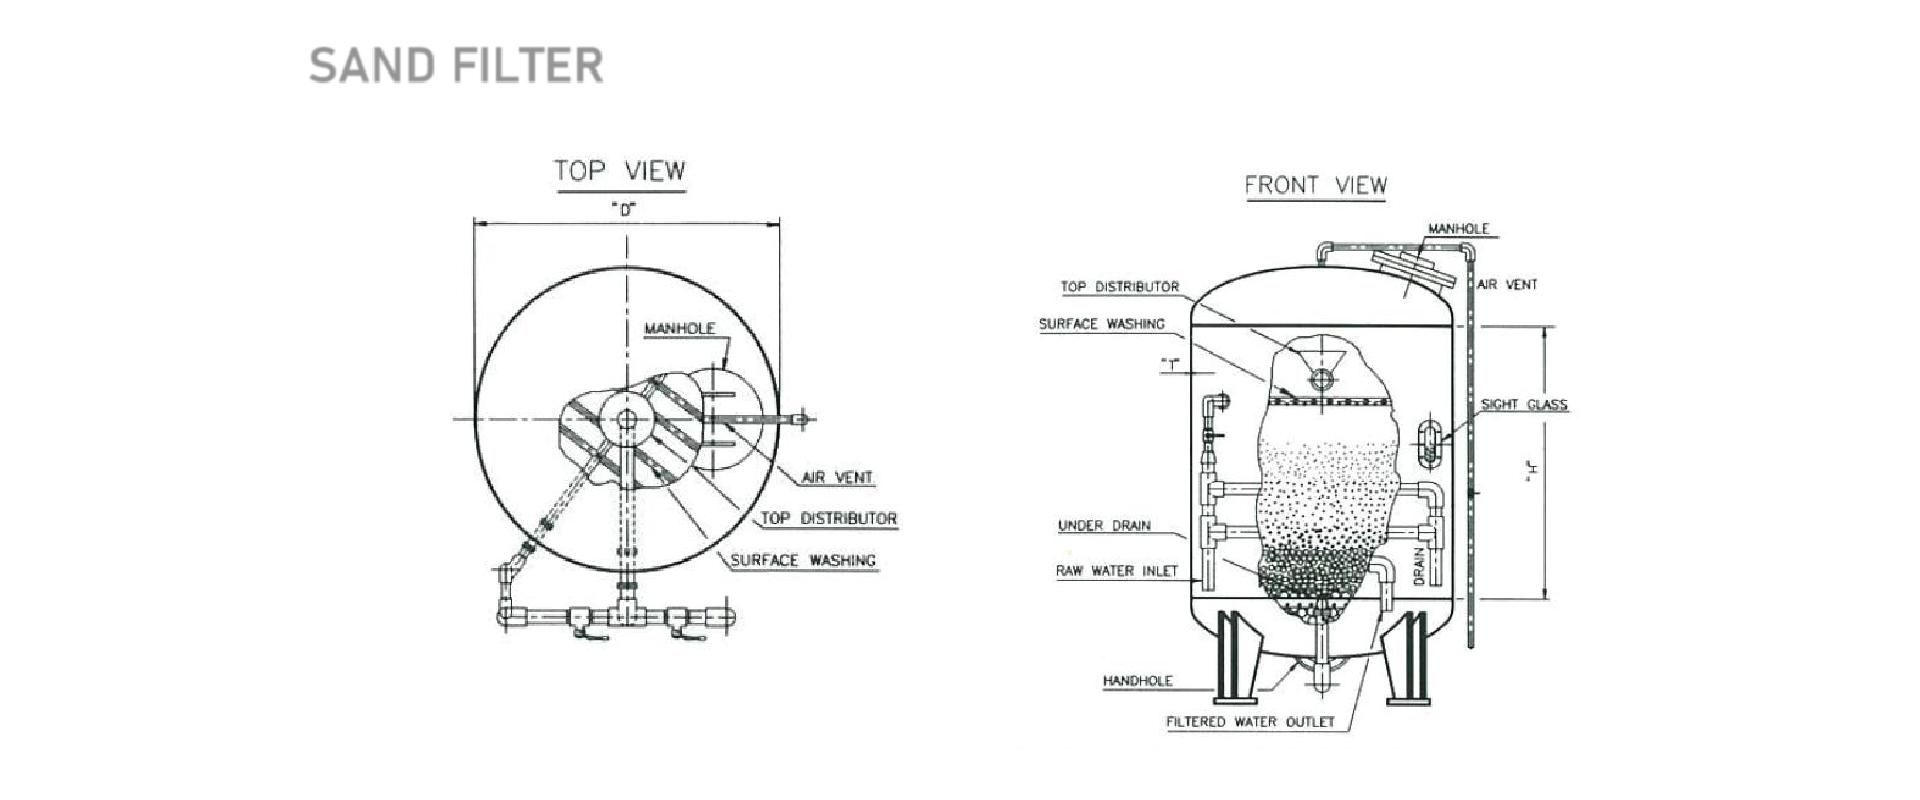 รูปภาพระบบแบบ Sandfilter หรือถังกรองทาย